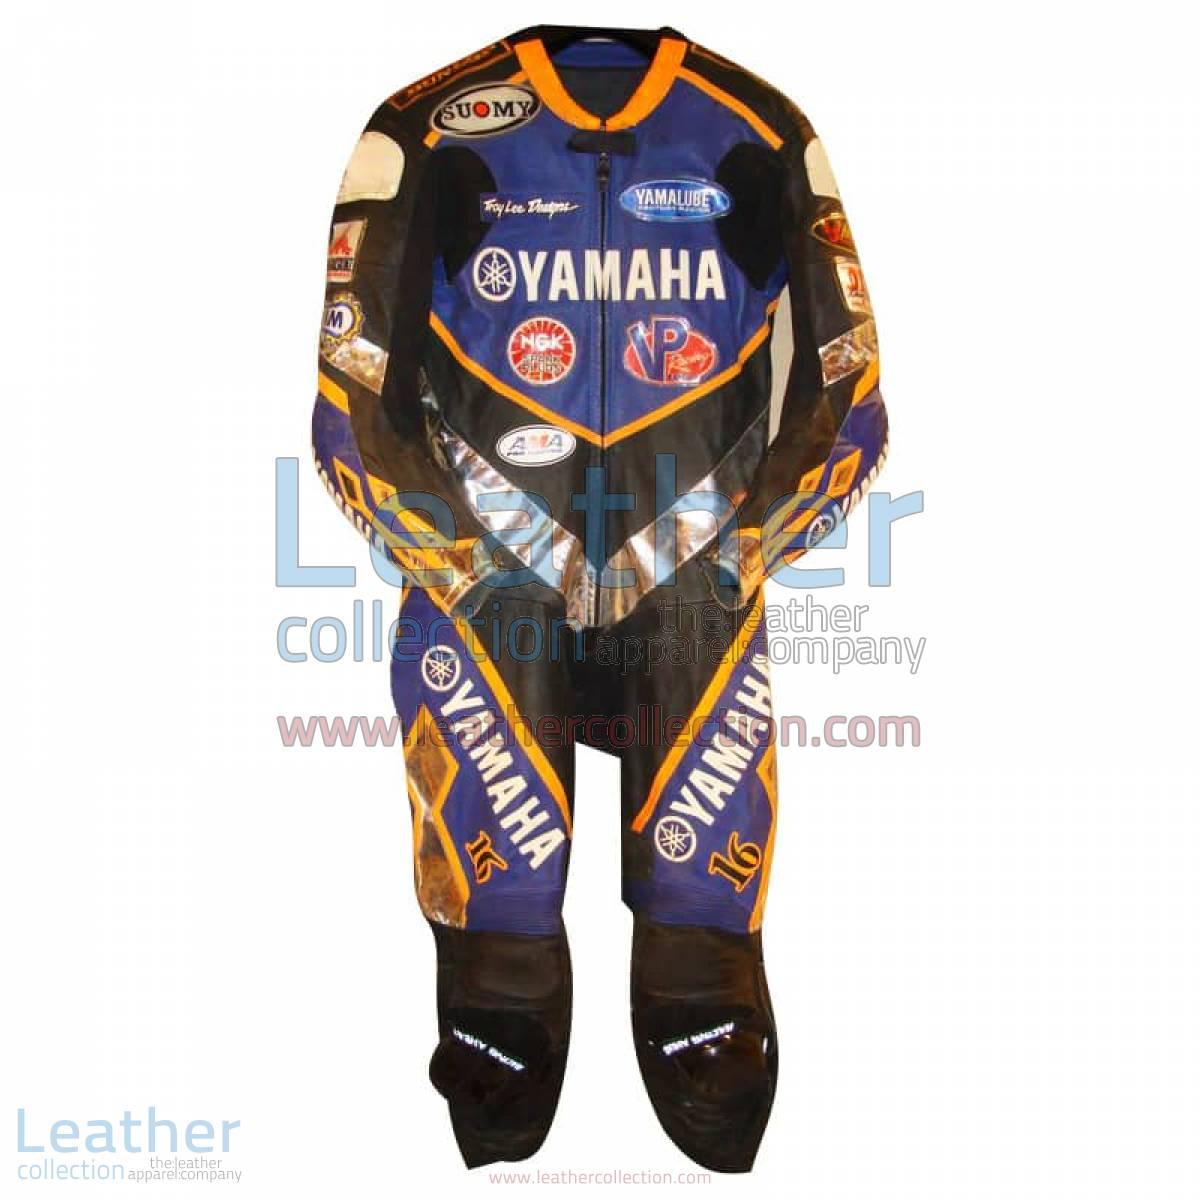 Anthony Gobert Yamaha Leathers 2002 AMA | yamaha leathers